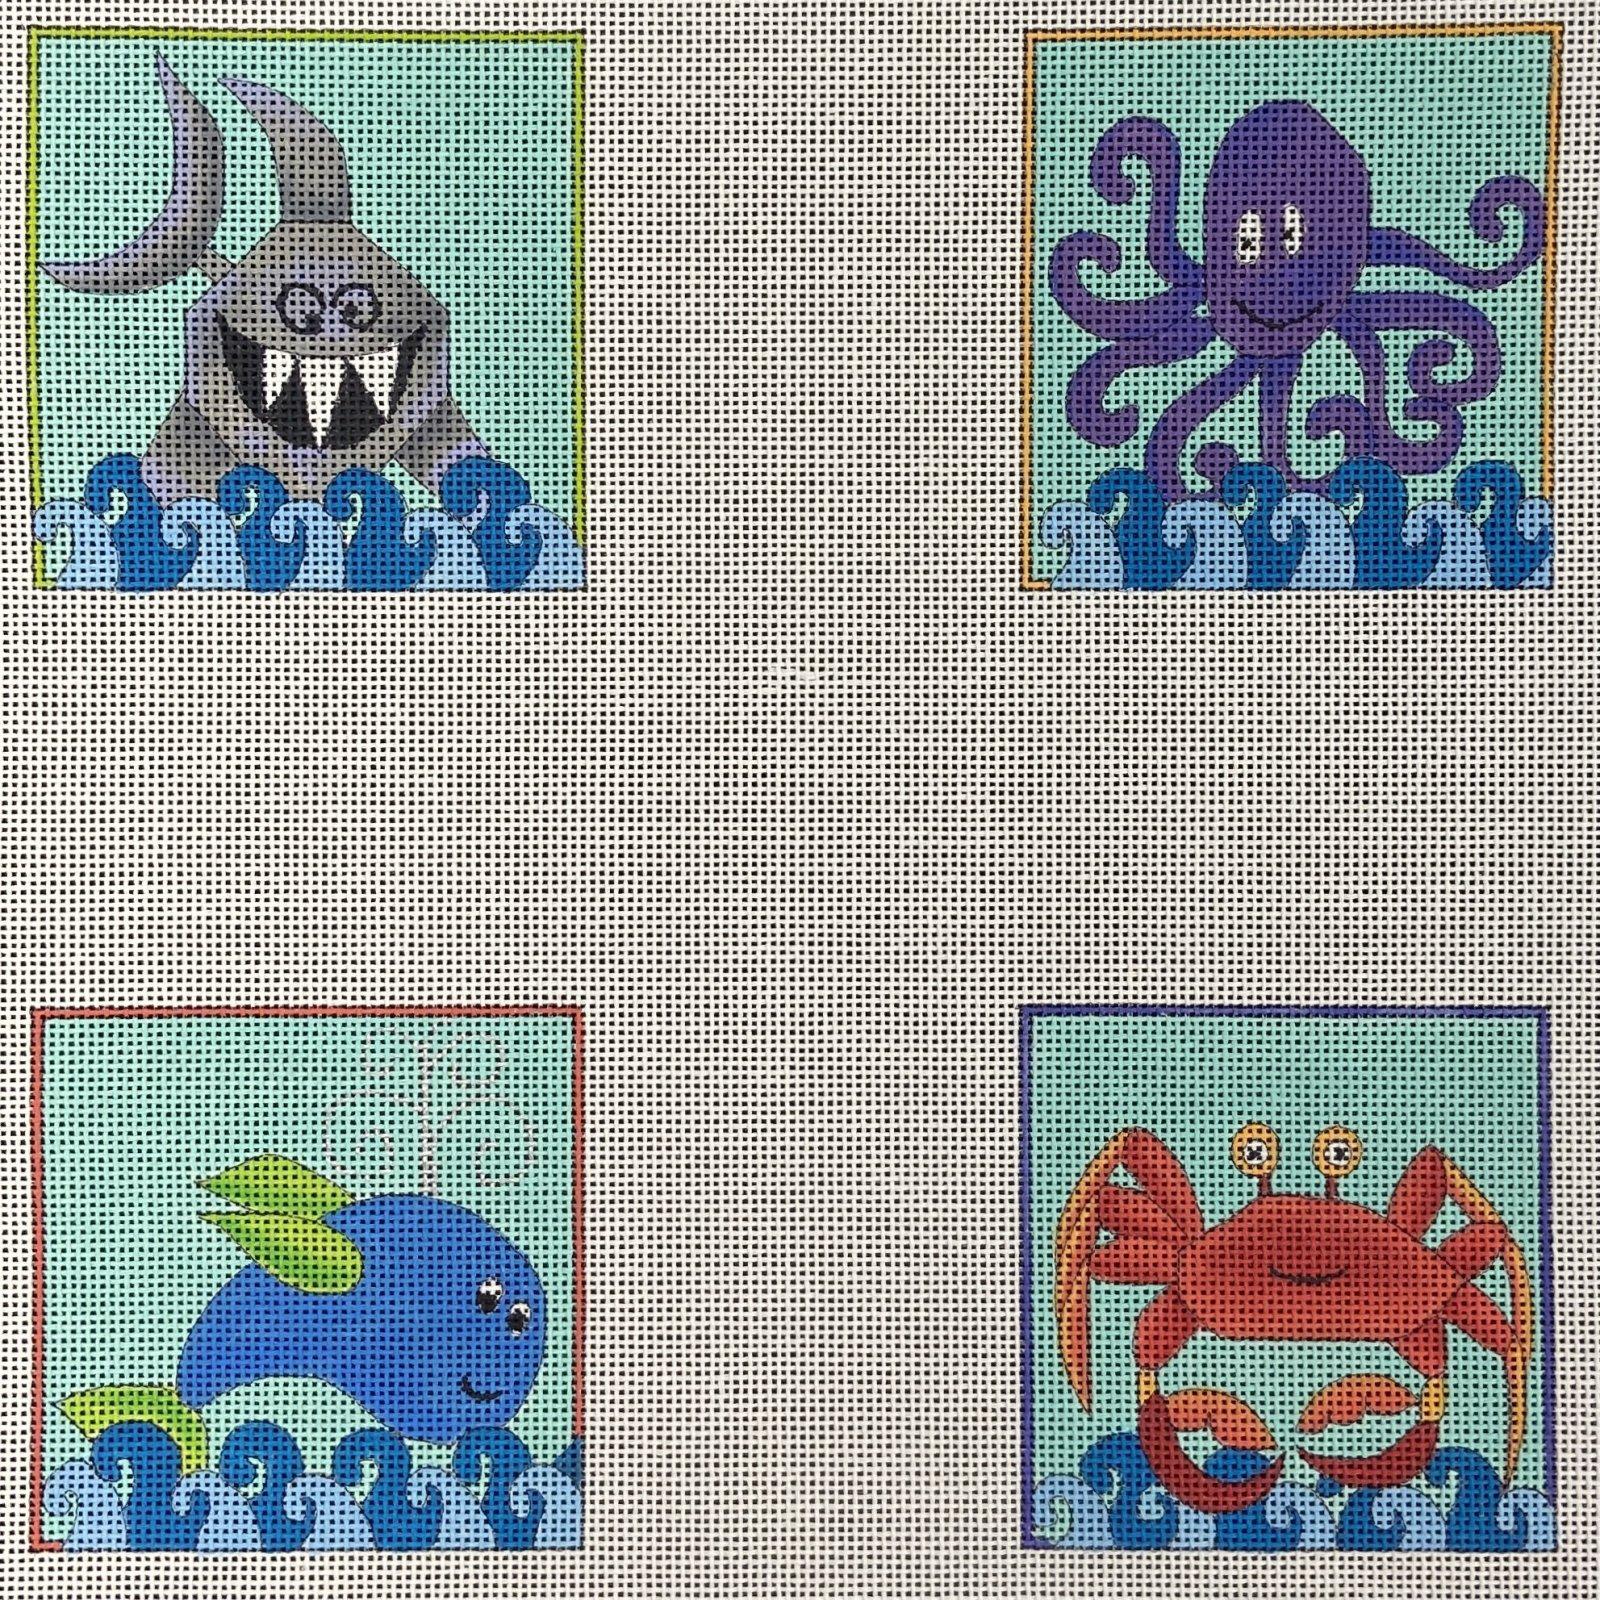 DTH1021 Coasters Sea Creatures Renaissance Designs